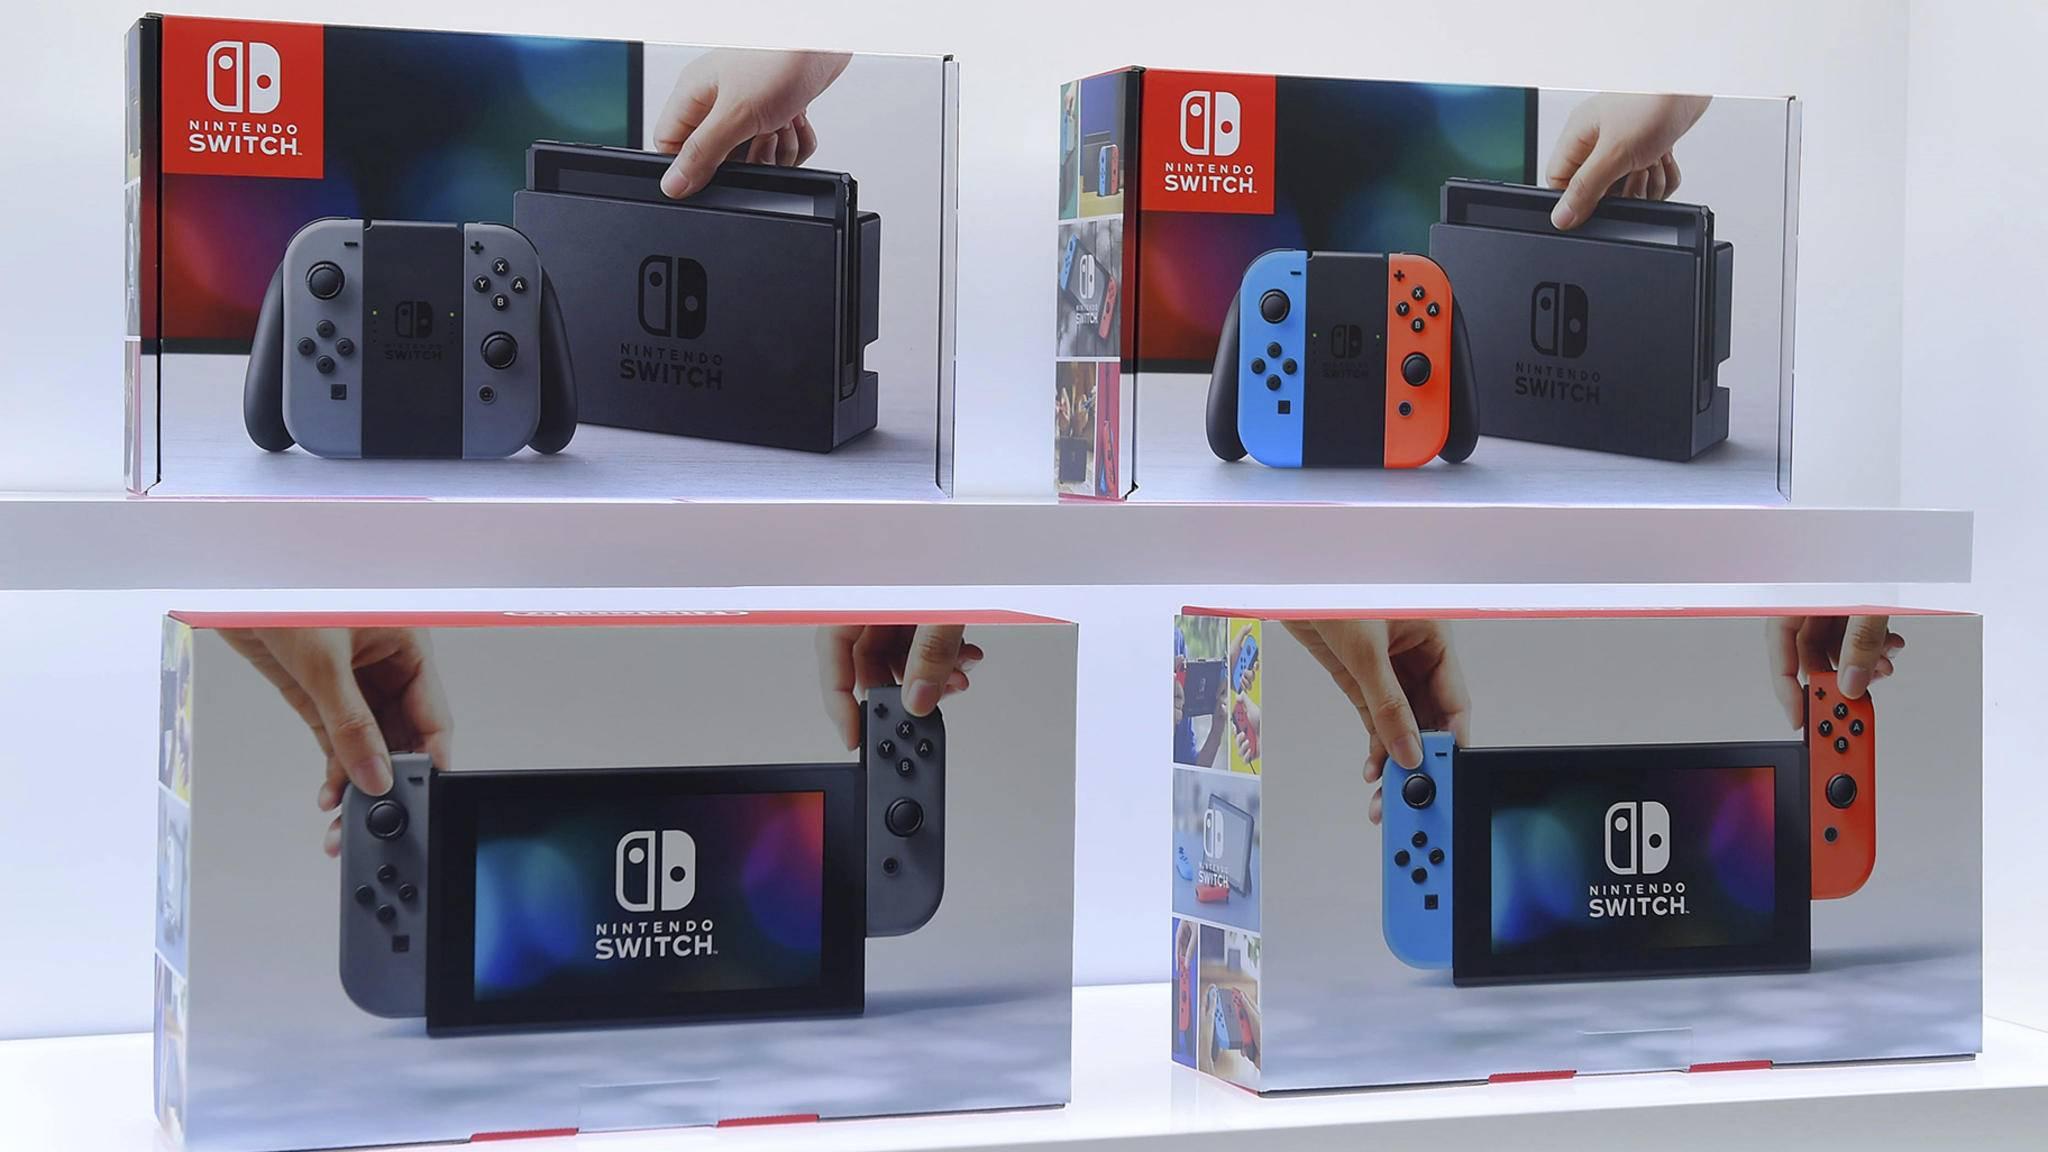 Gerade präsentiert, schon vorbestellbar: Die Nintendo Switch.